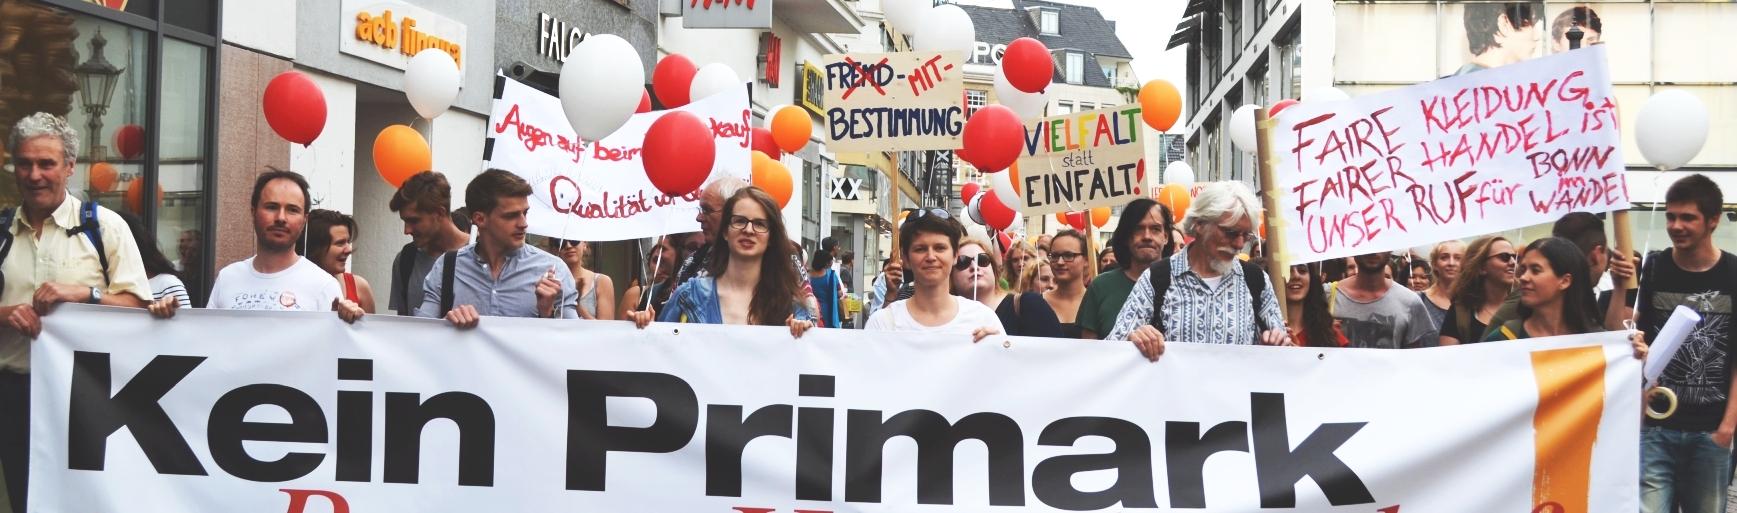 Menschenmenge mit Banner Kein Primark